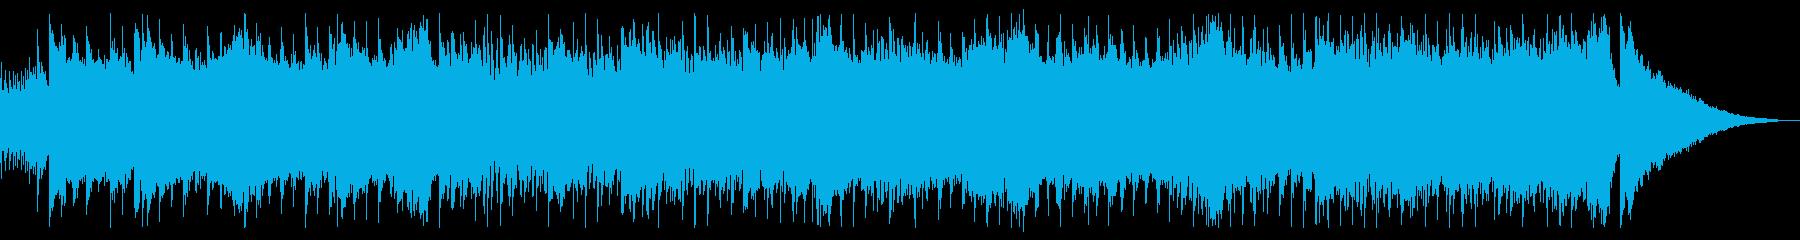 パワフルな近未来的シンセサウンドの再生済みの波形